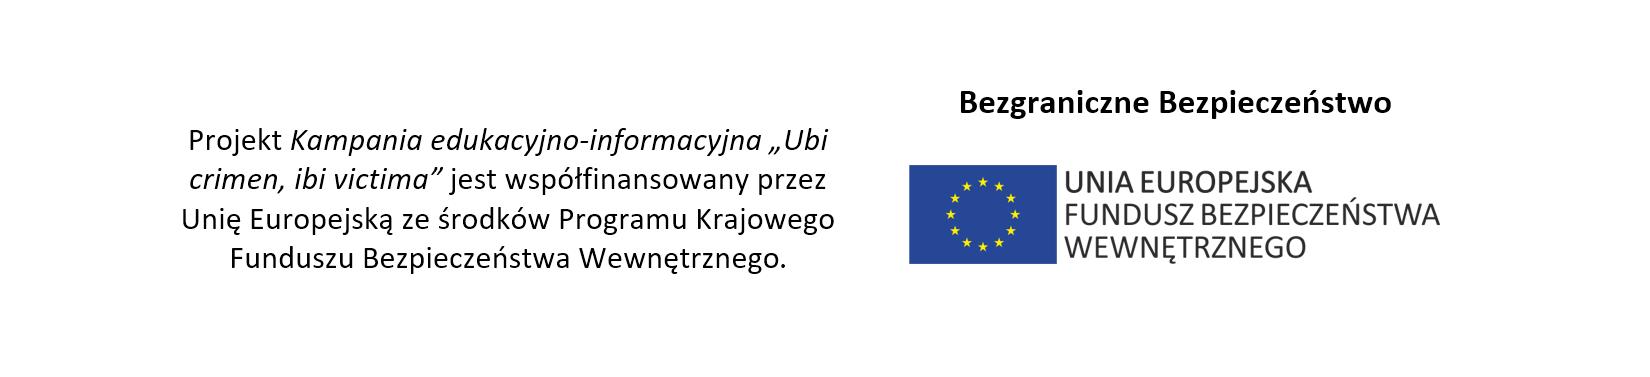 projekt współfinansowany z Funduszu Bezpieczeństwa Wewnętrznego